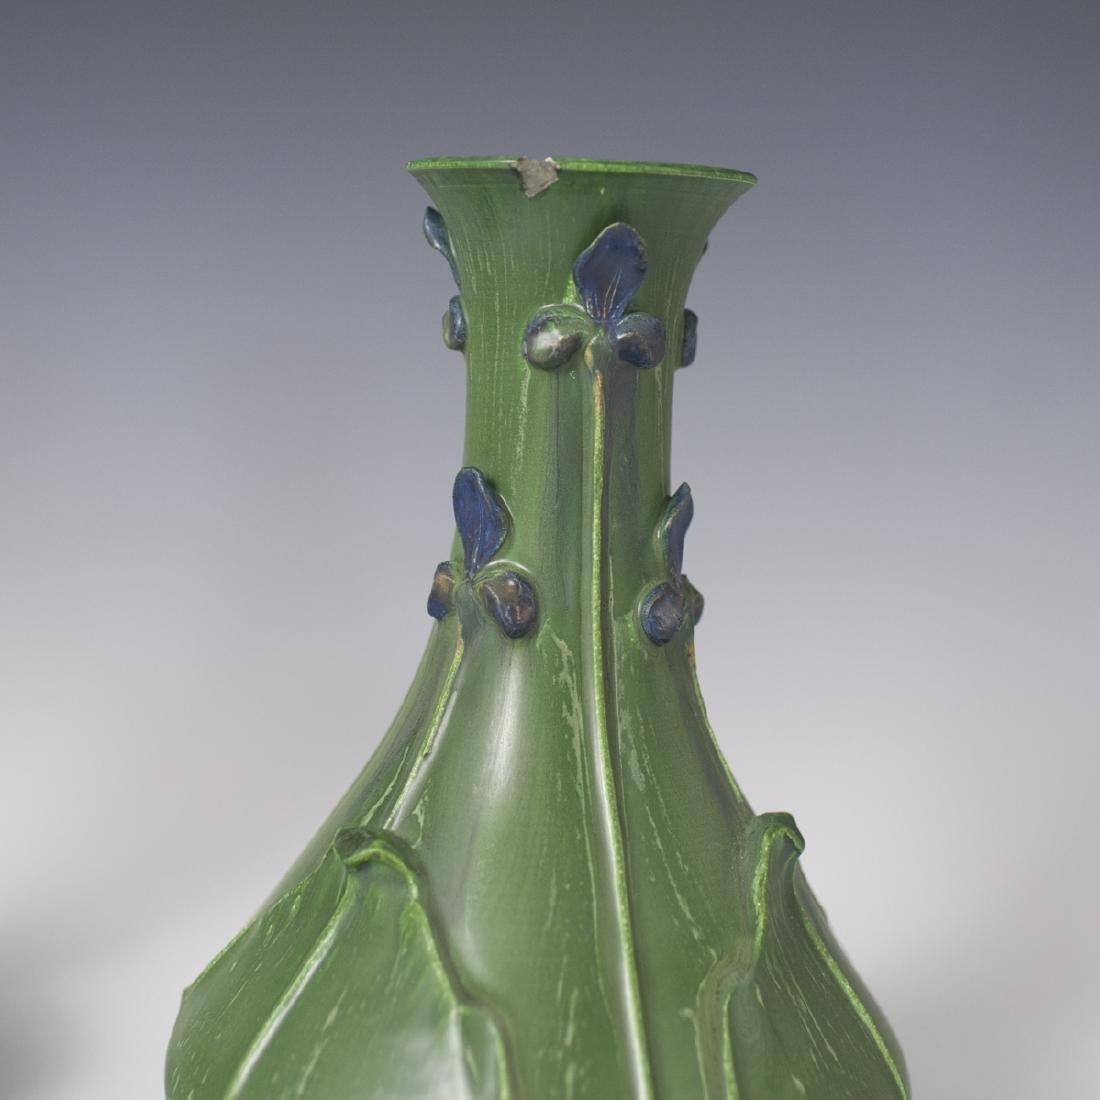 Ephraim Faience Pottery Vases - 5